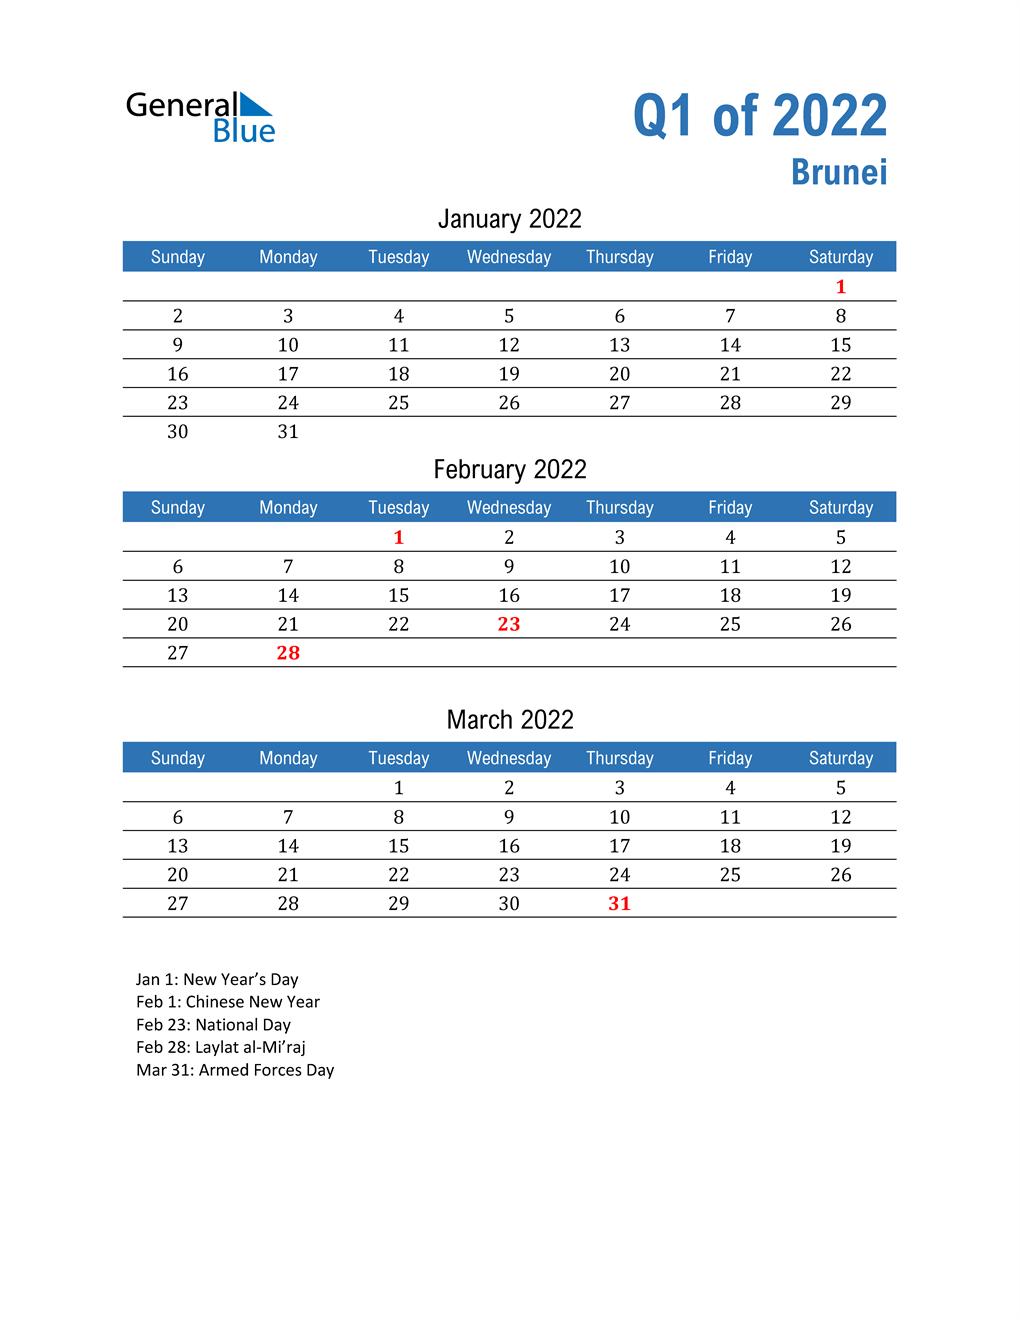 Brunei 2022 Quarterly Calendar